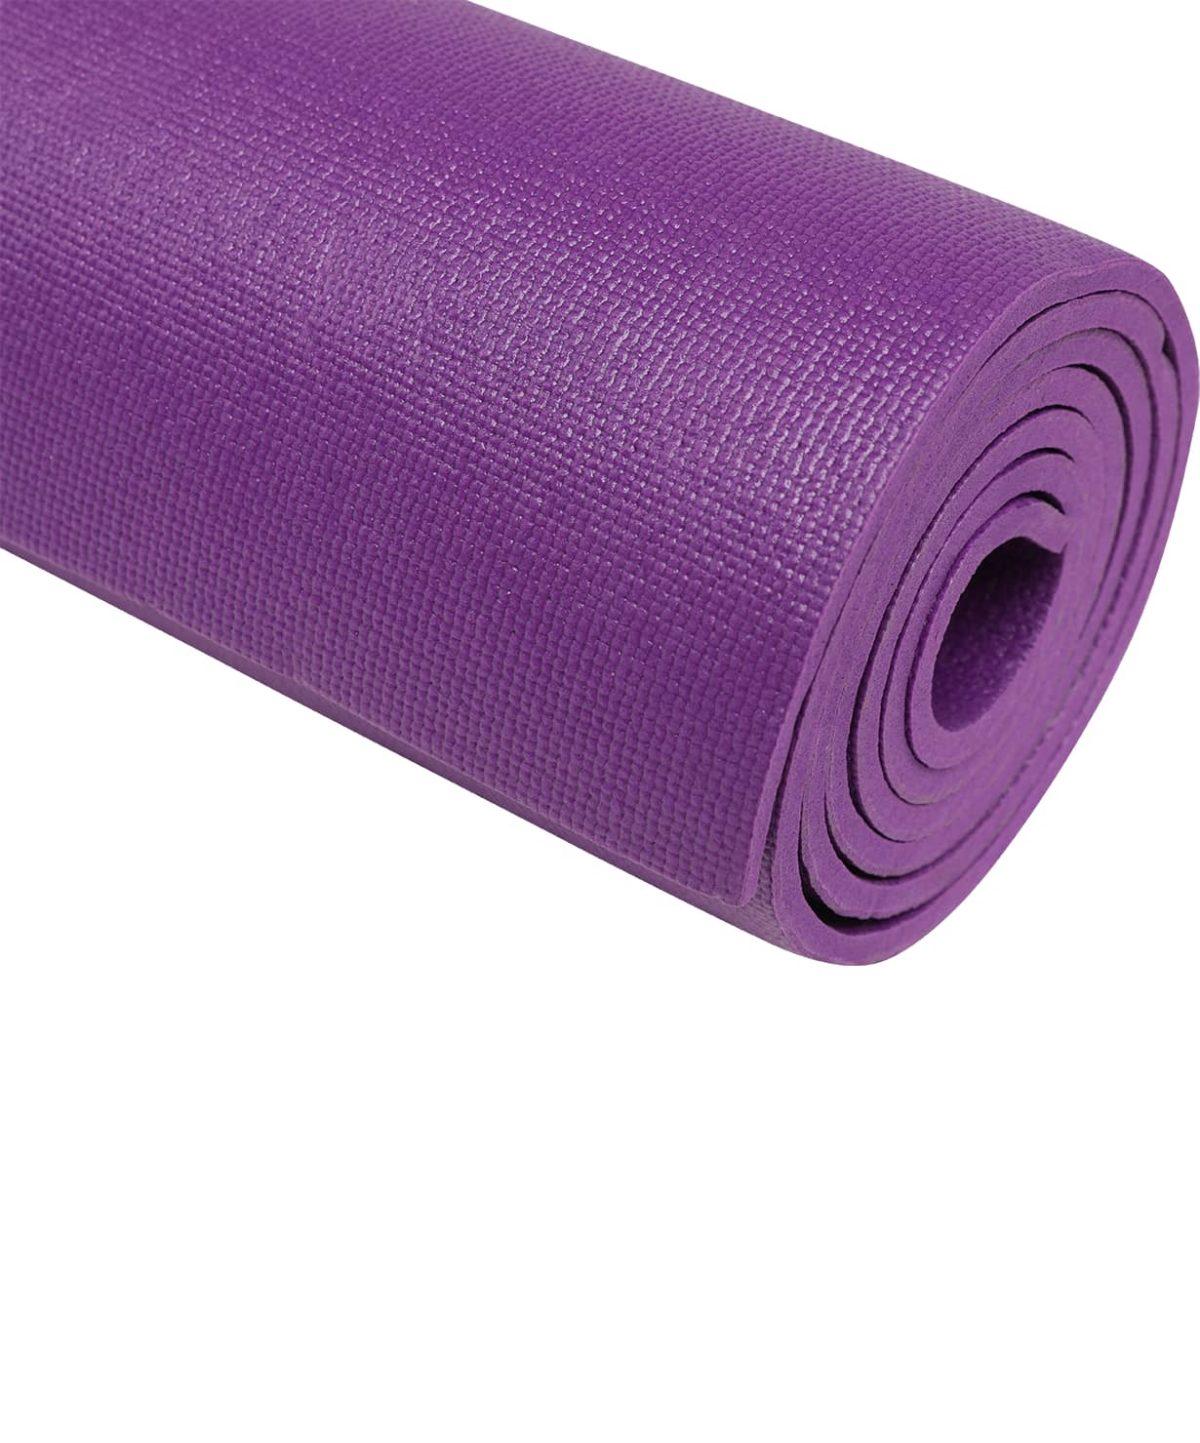 STARFIT Коврик для йоги FM-103 173х61х0,6 см: фиолетовый - 2